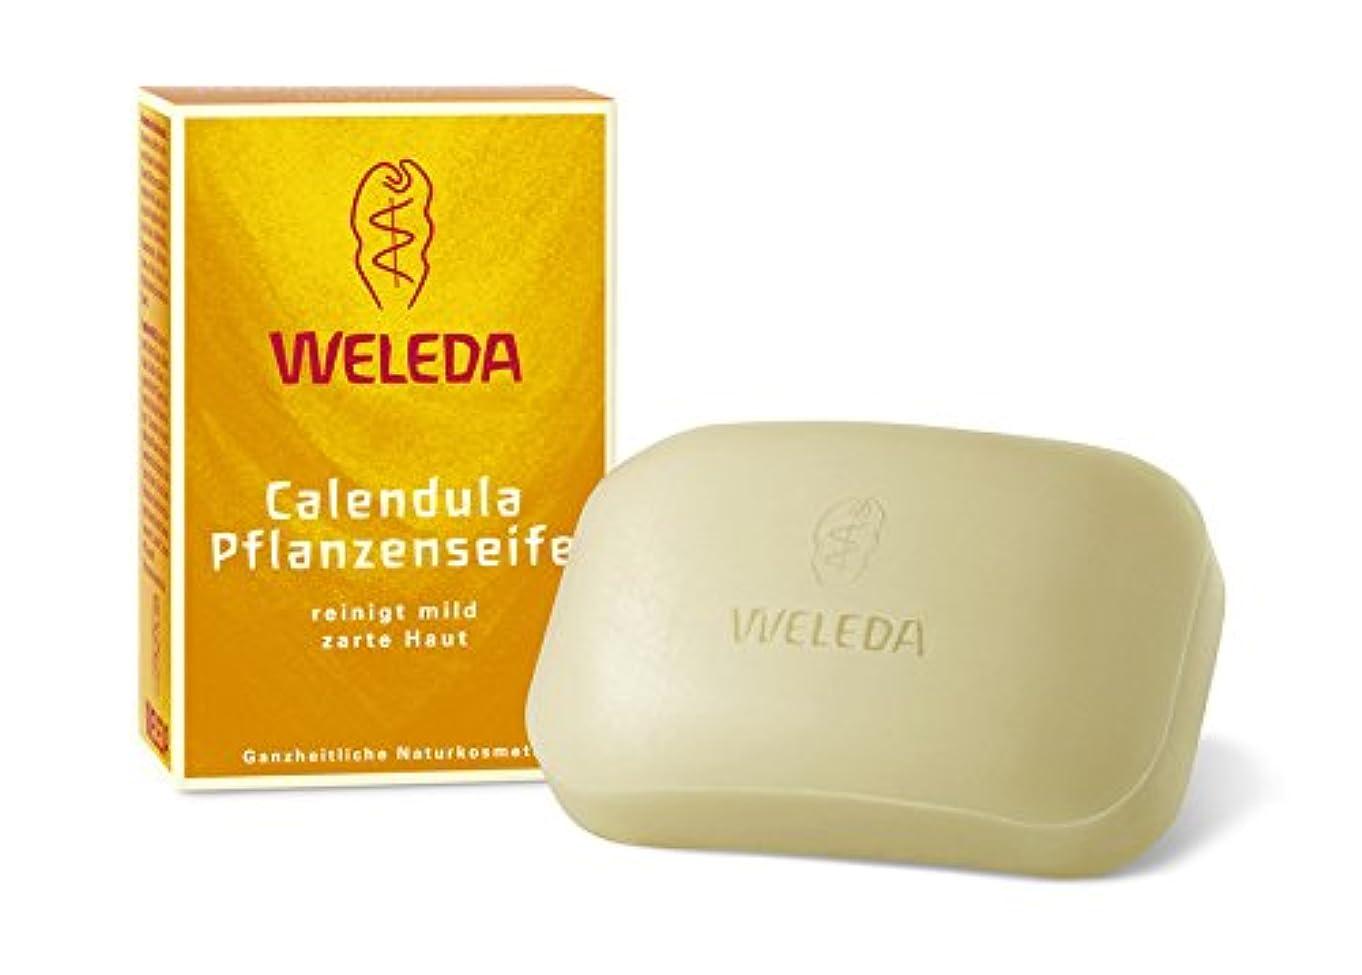 袋きらめき専門用語WELEDA(ヴェレダ) カレンドラ ソープ 100g